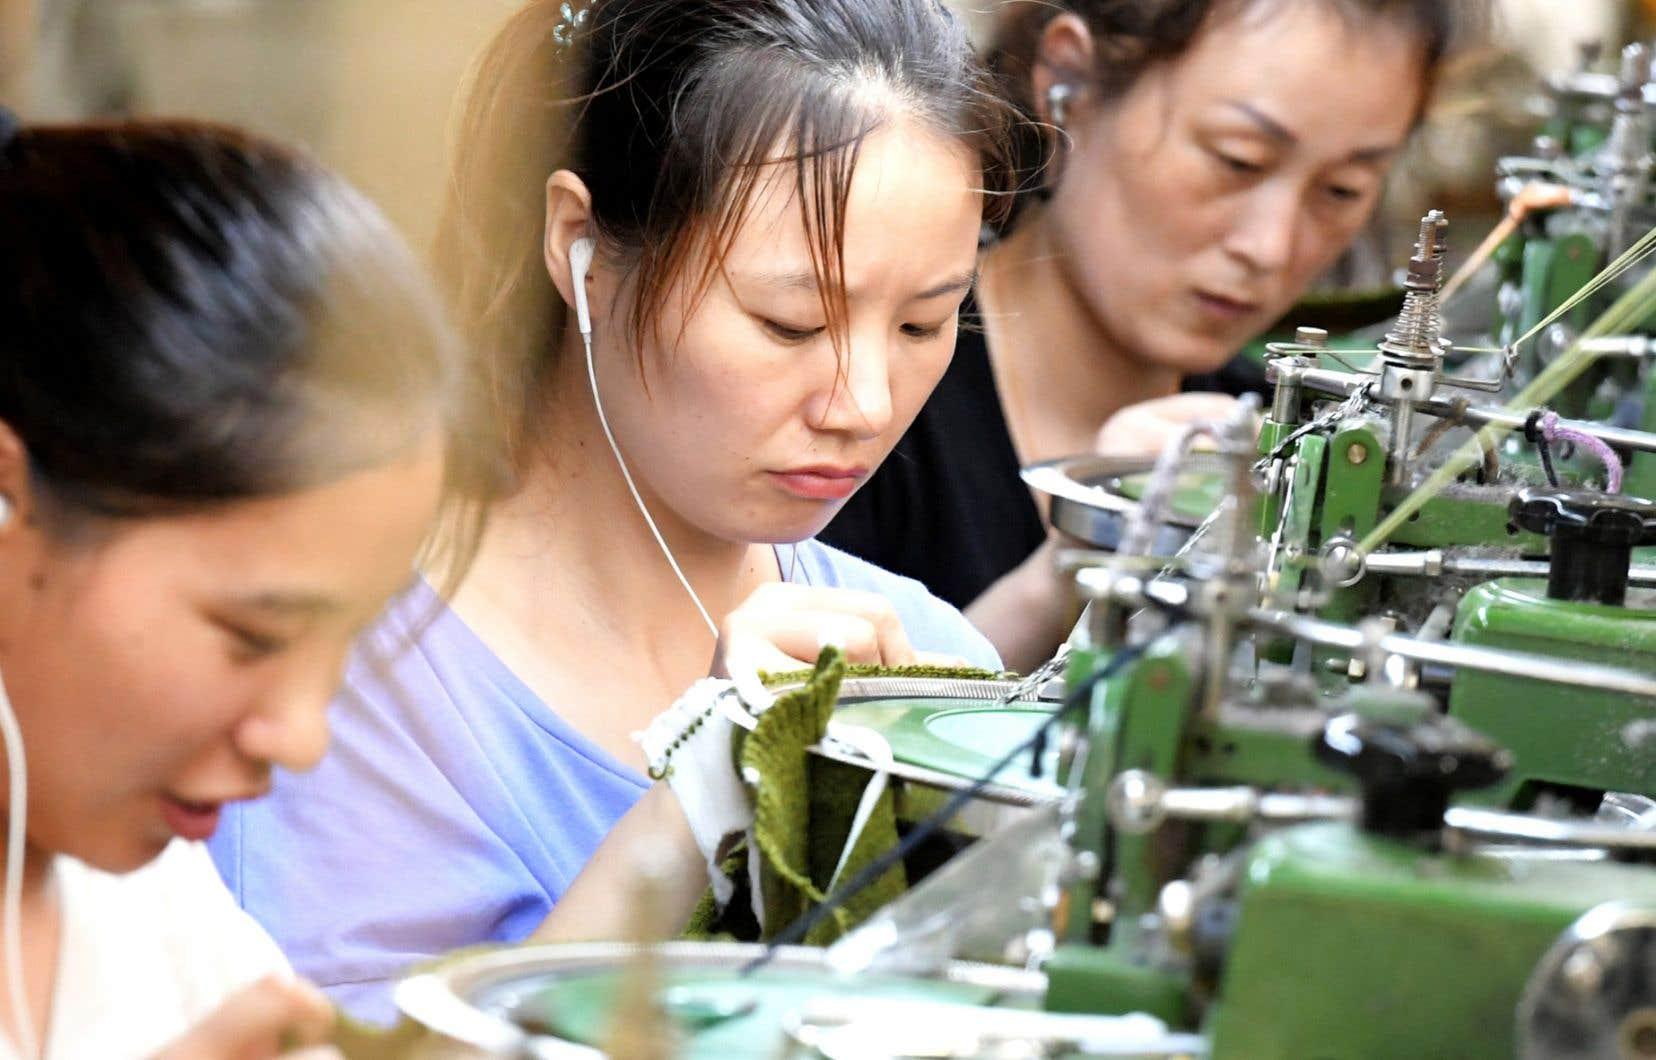 Des fabricants de pneus, de plastique, ou encore de textile se délocalisent.